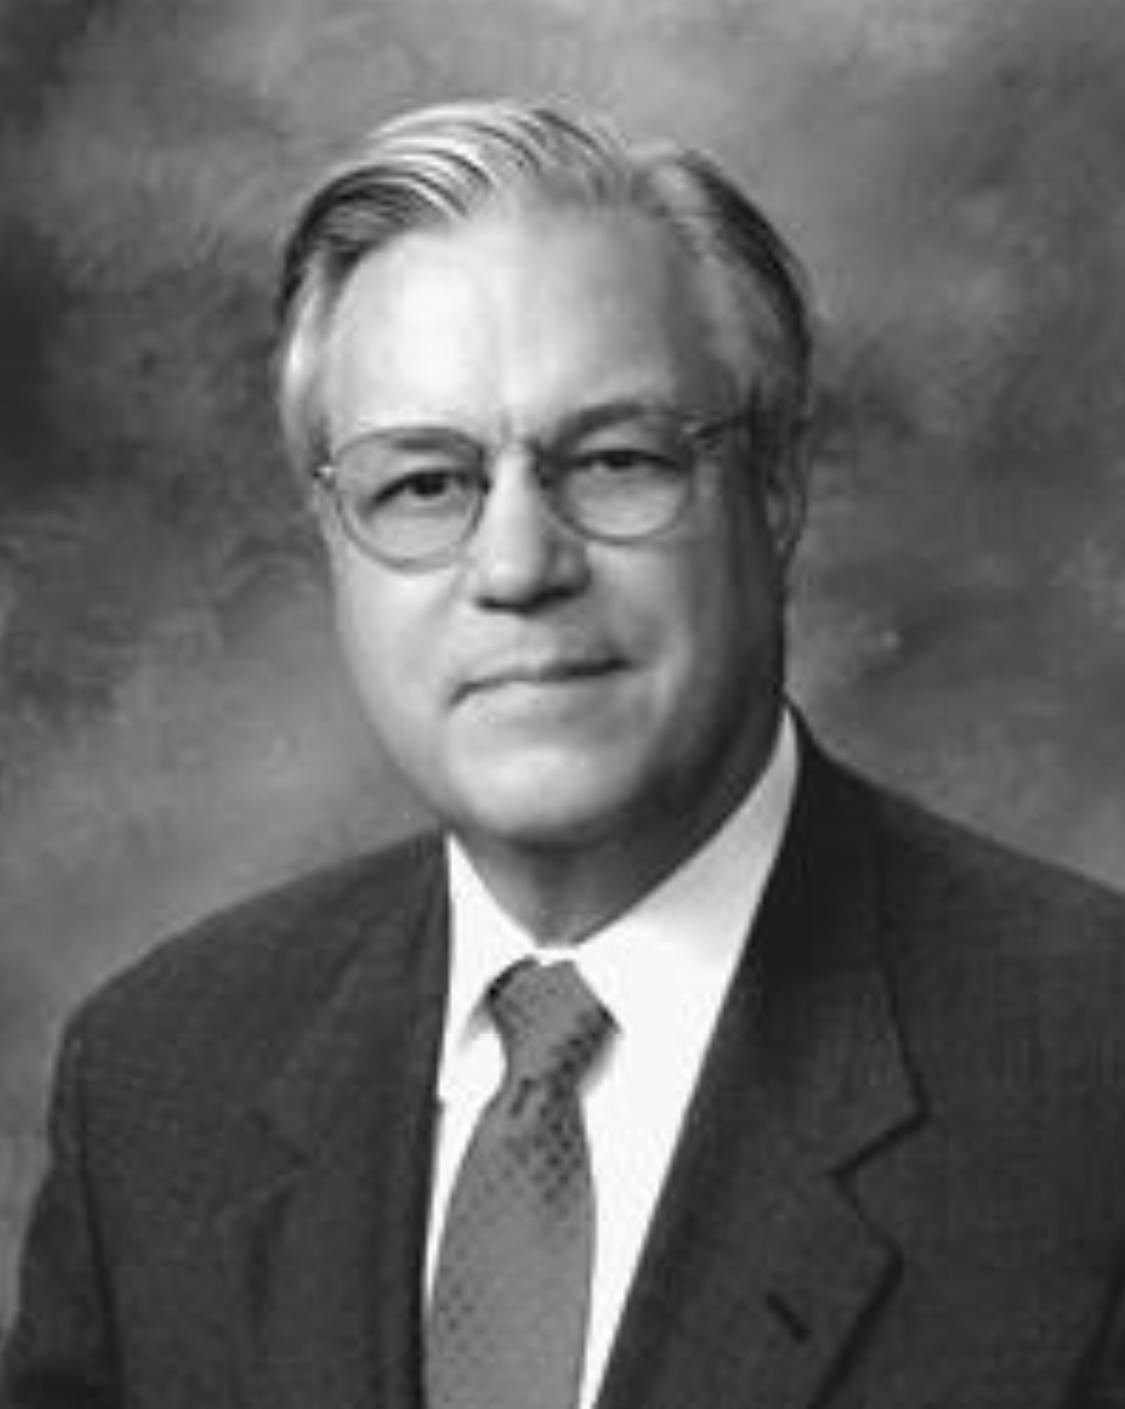 PHILLIP M. KNIGHTON